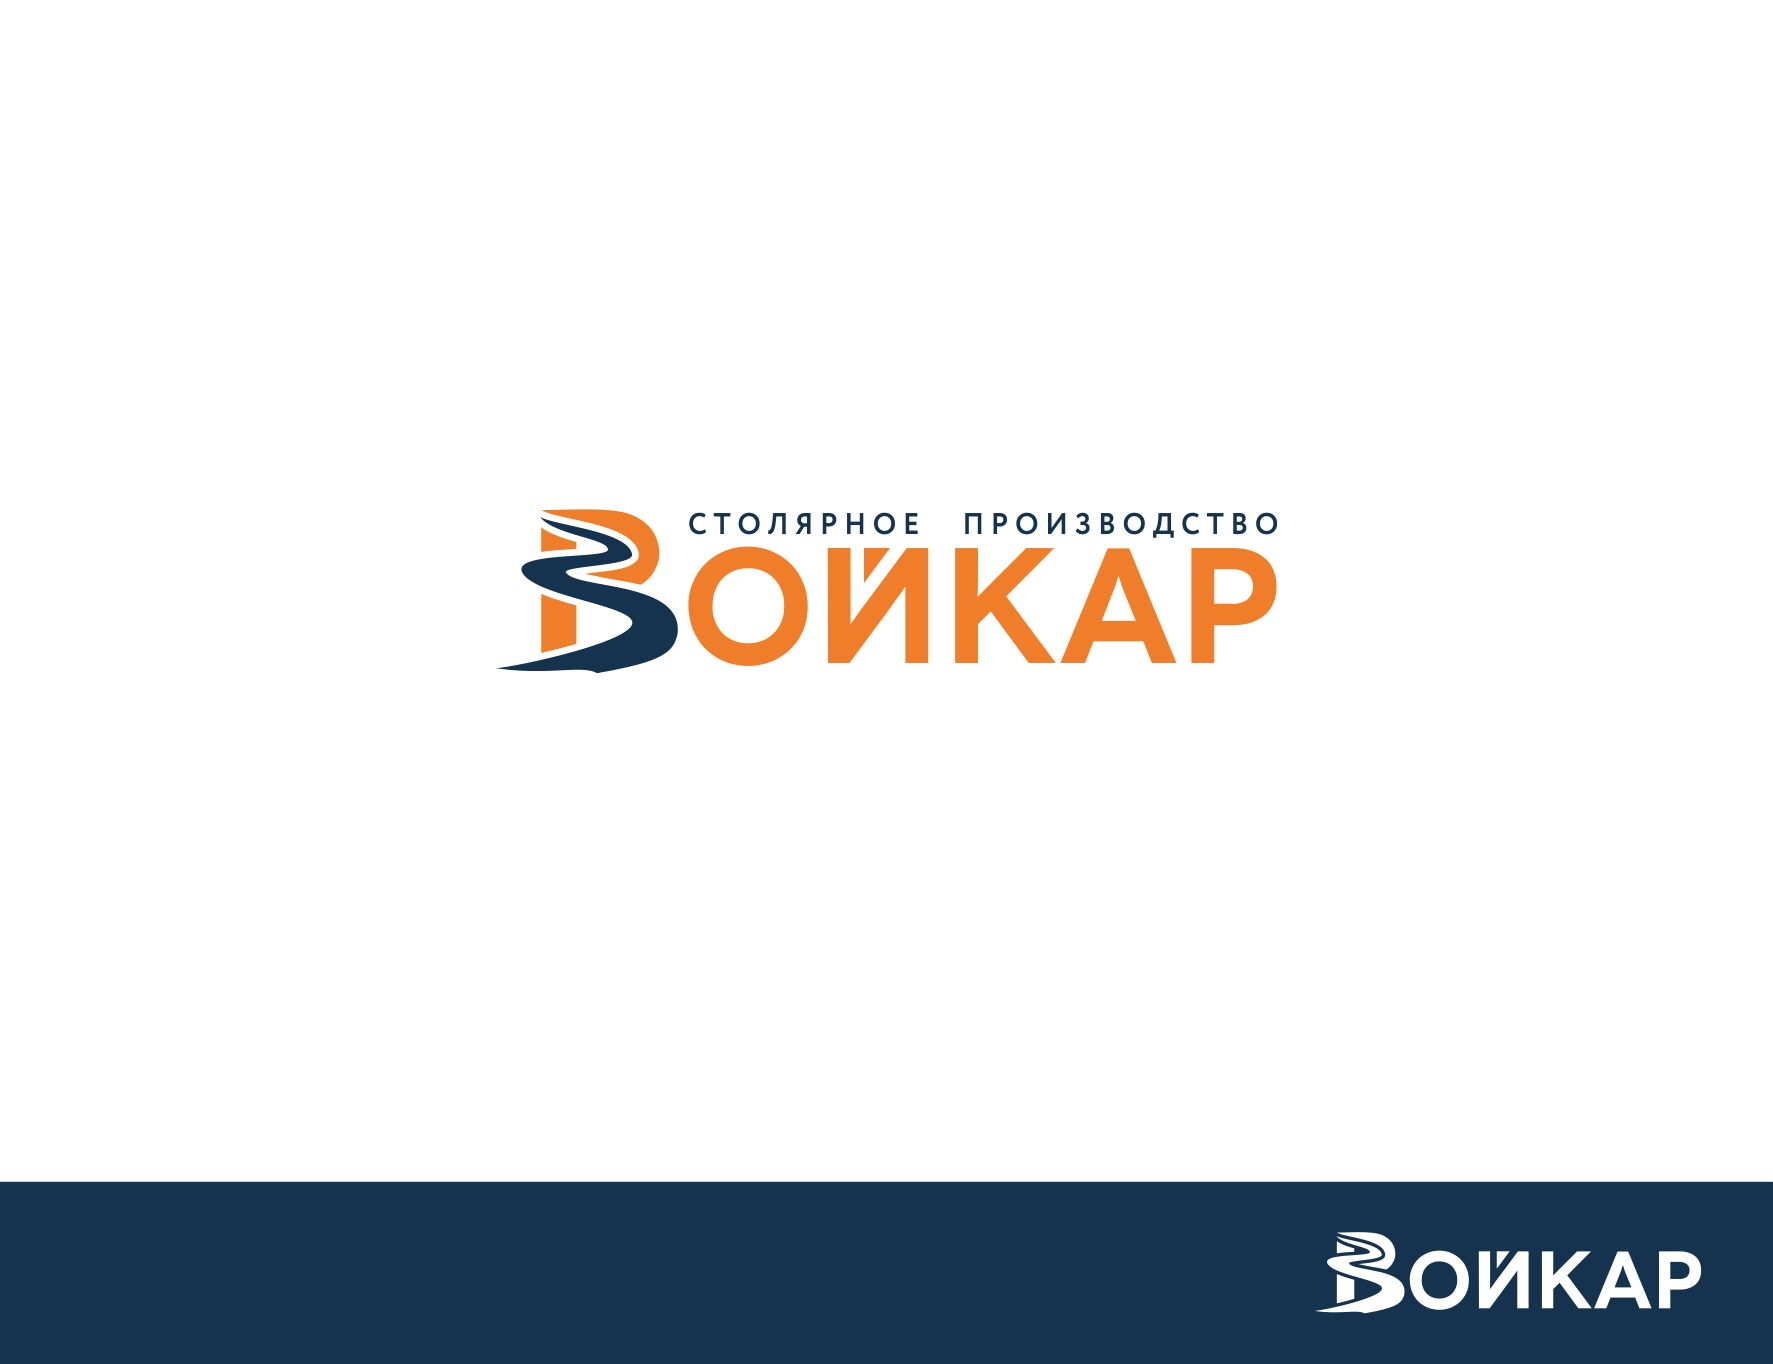 Логотип для столярного производства ВОЙКАР - дизайнер erkin84m